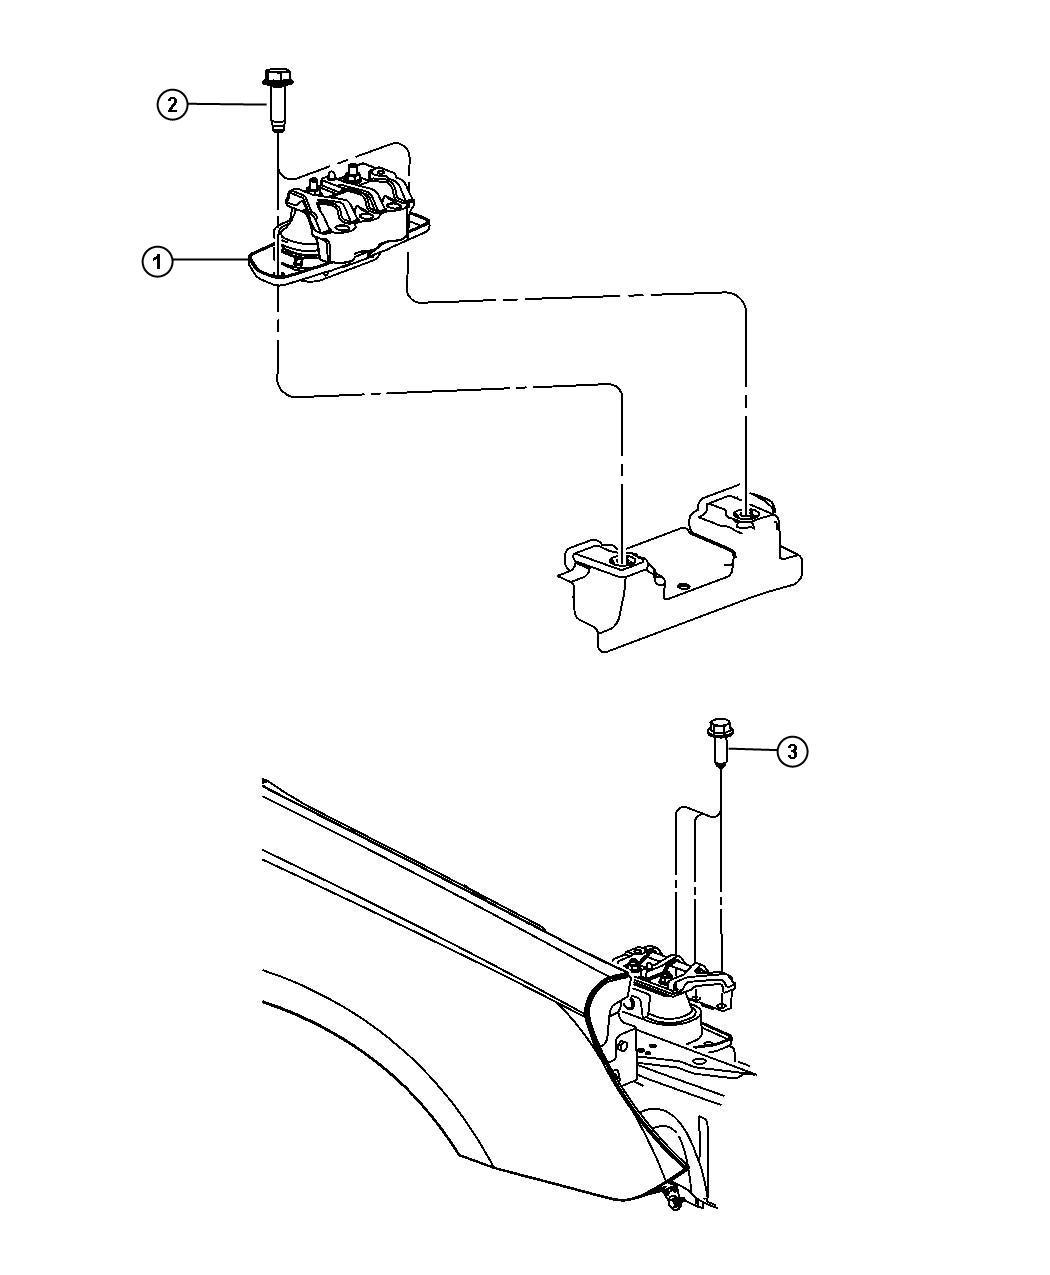 Chrysler Sebring Engine mount, isolator. Right. Right side